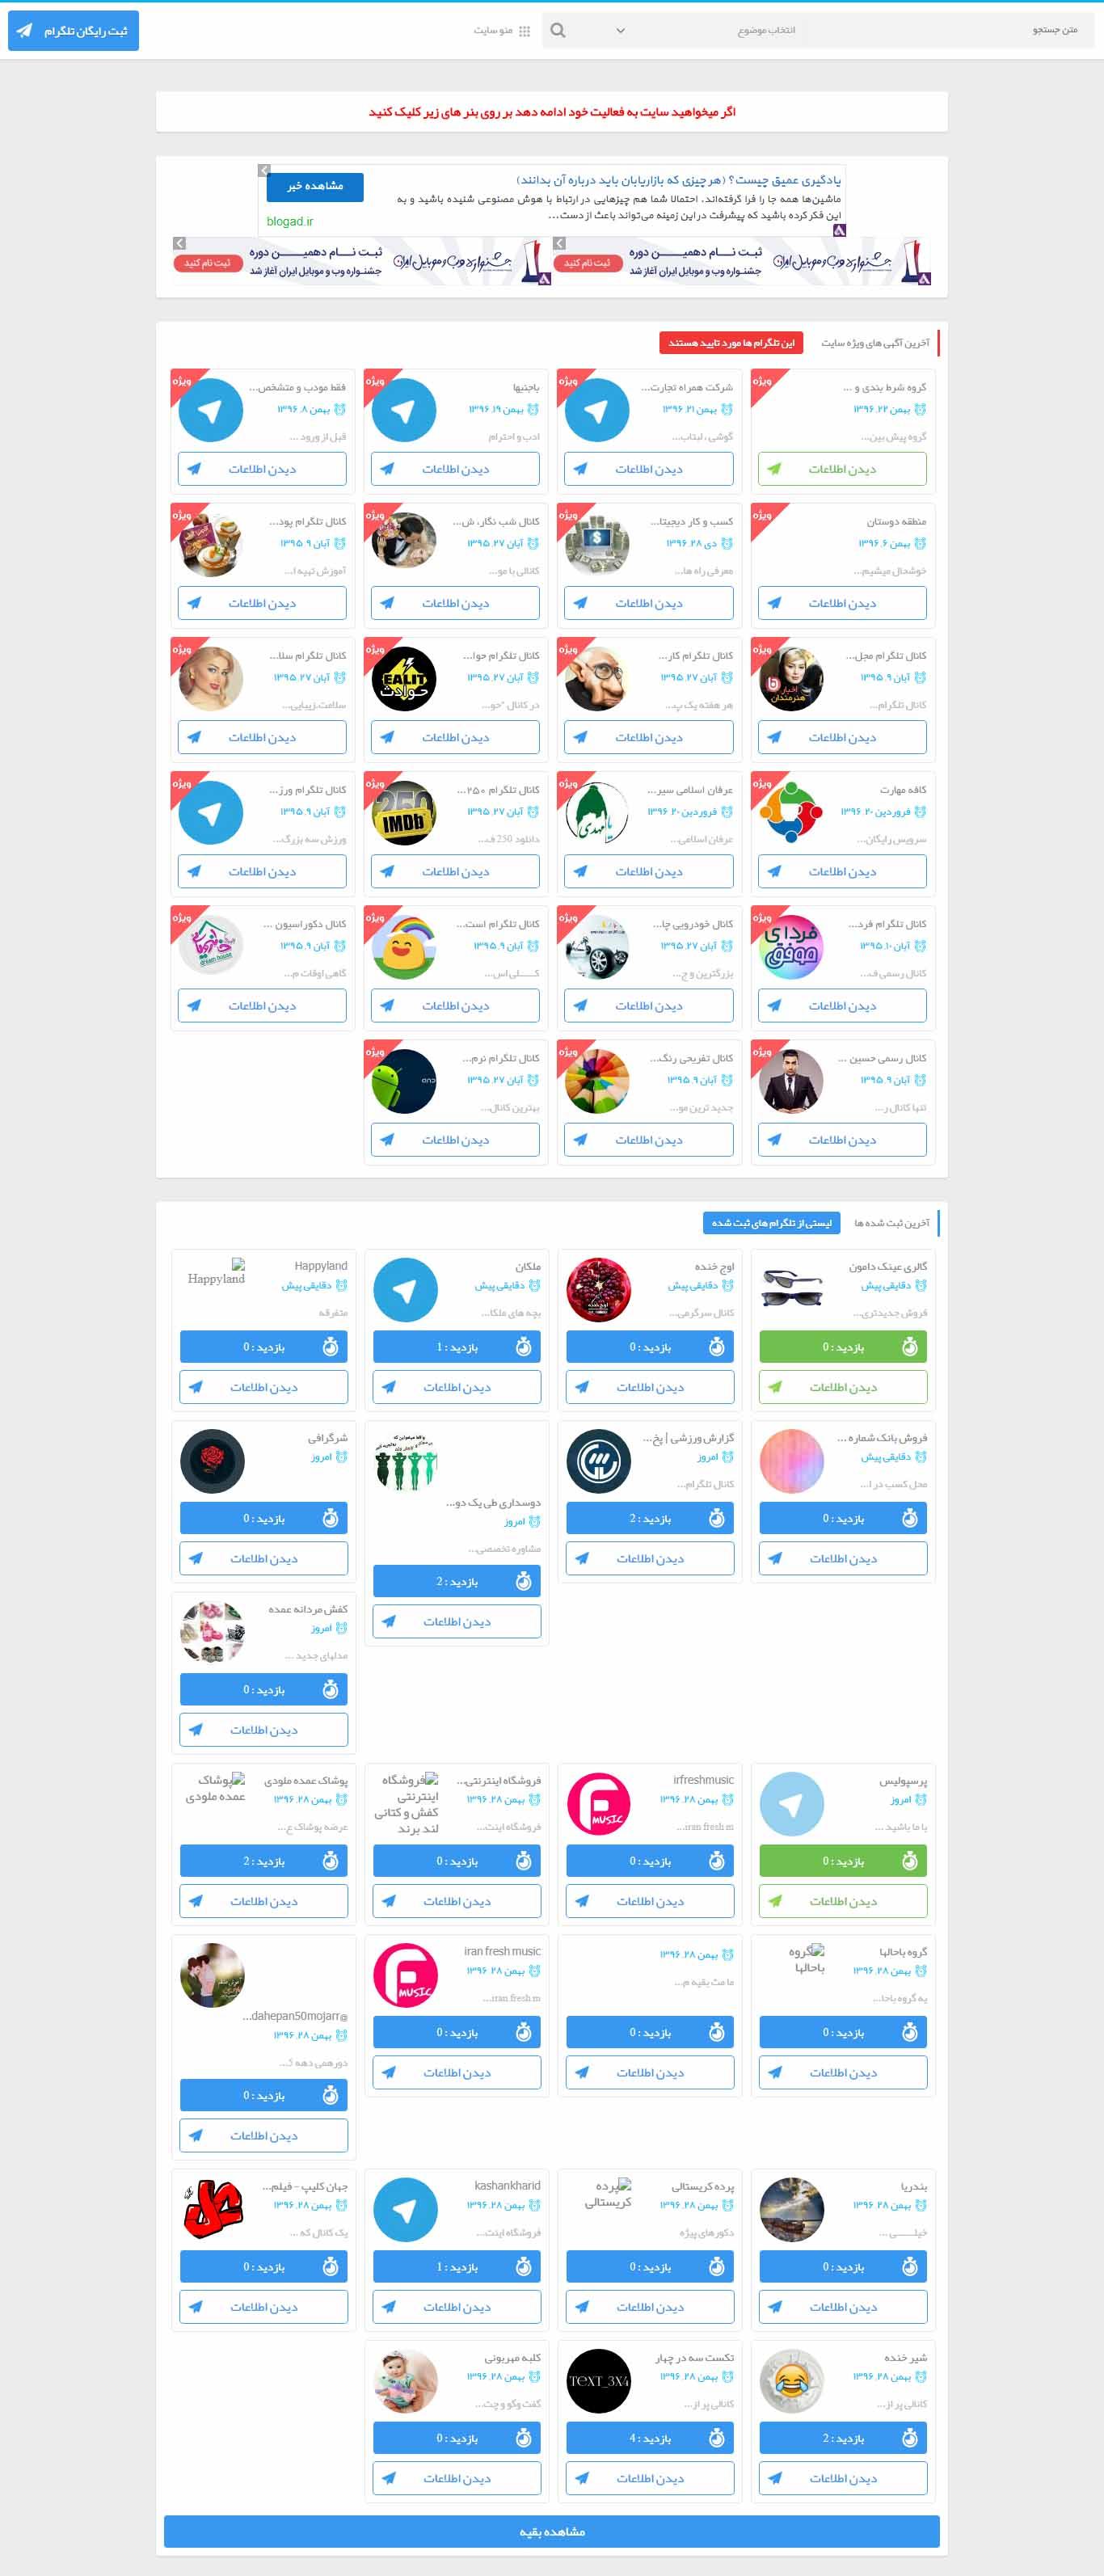 اسکریپت telegyab | اسکریپت تلگرام یاب telegyab | اسکریپت نمایش مشخصات کانال تلگرام